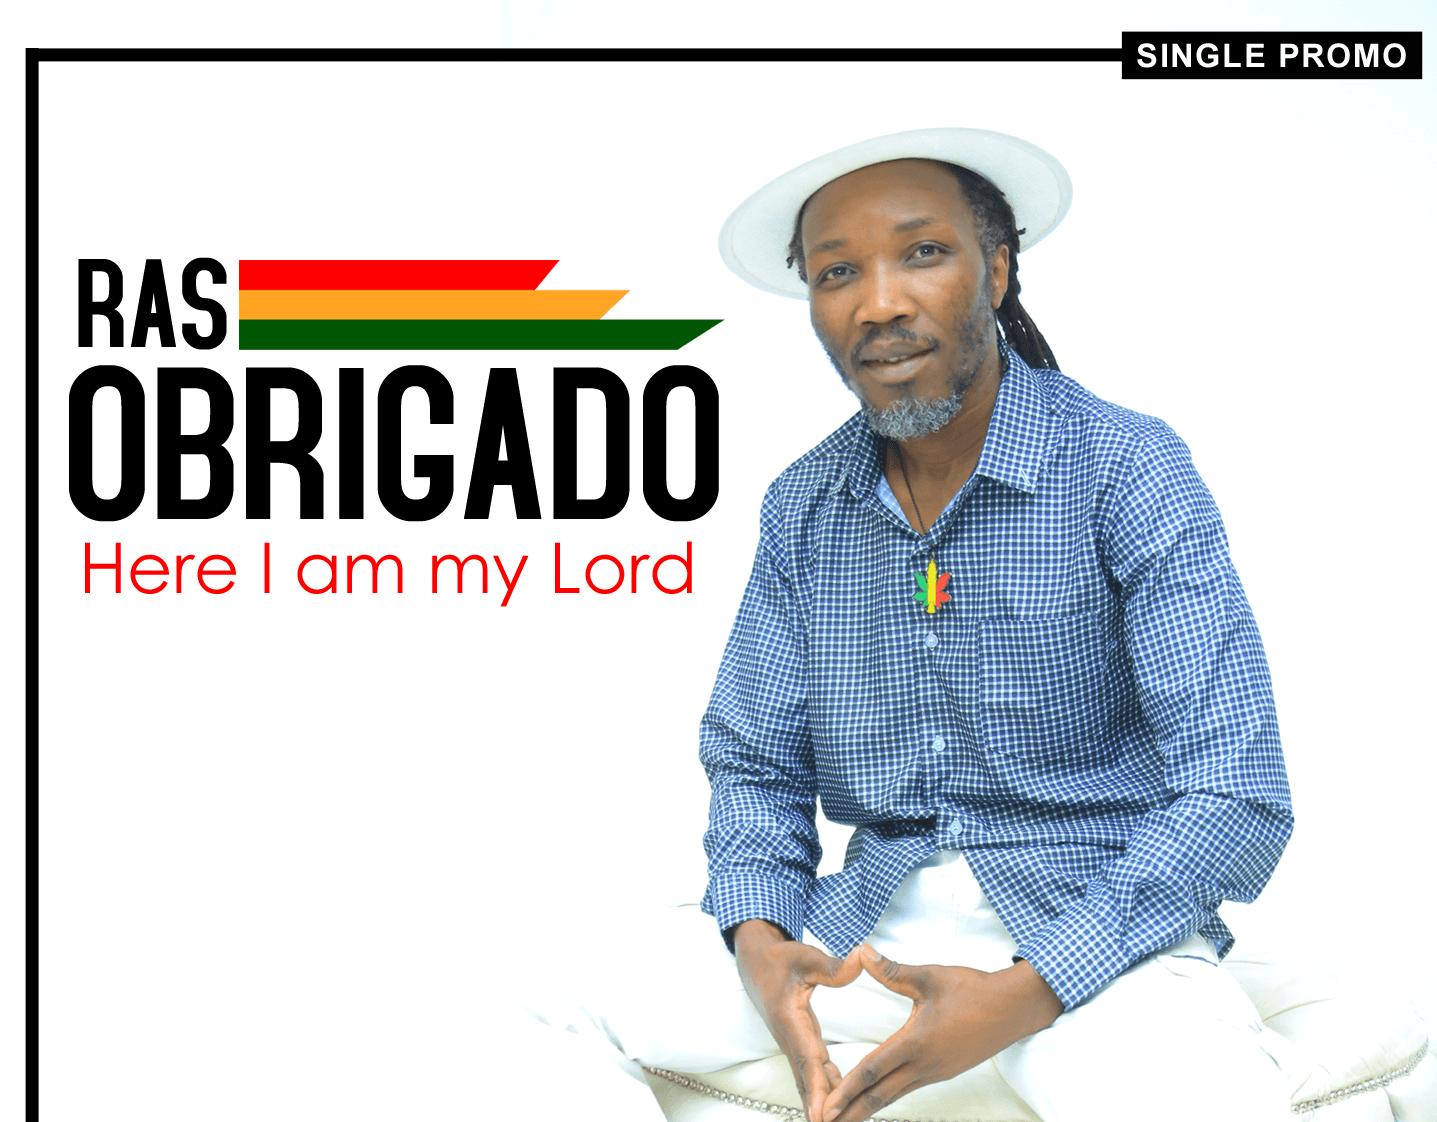 Ras Obrigado - Here I am Lord